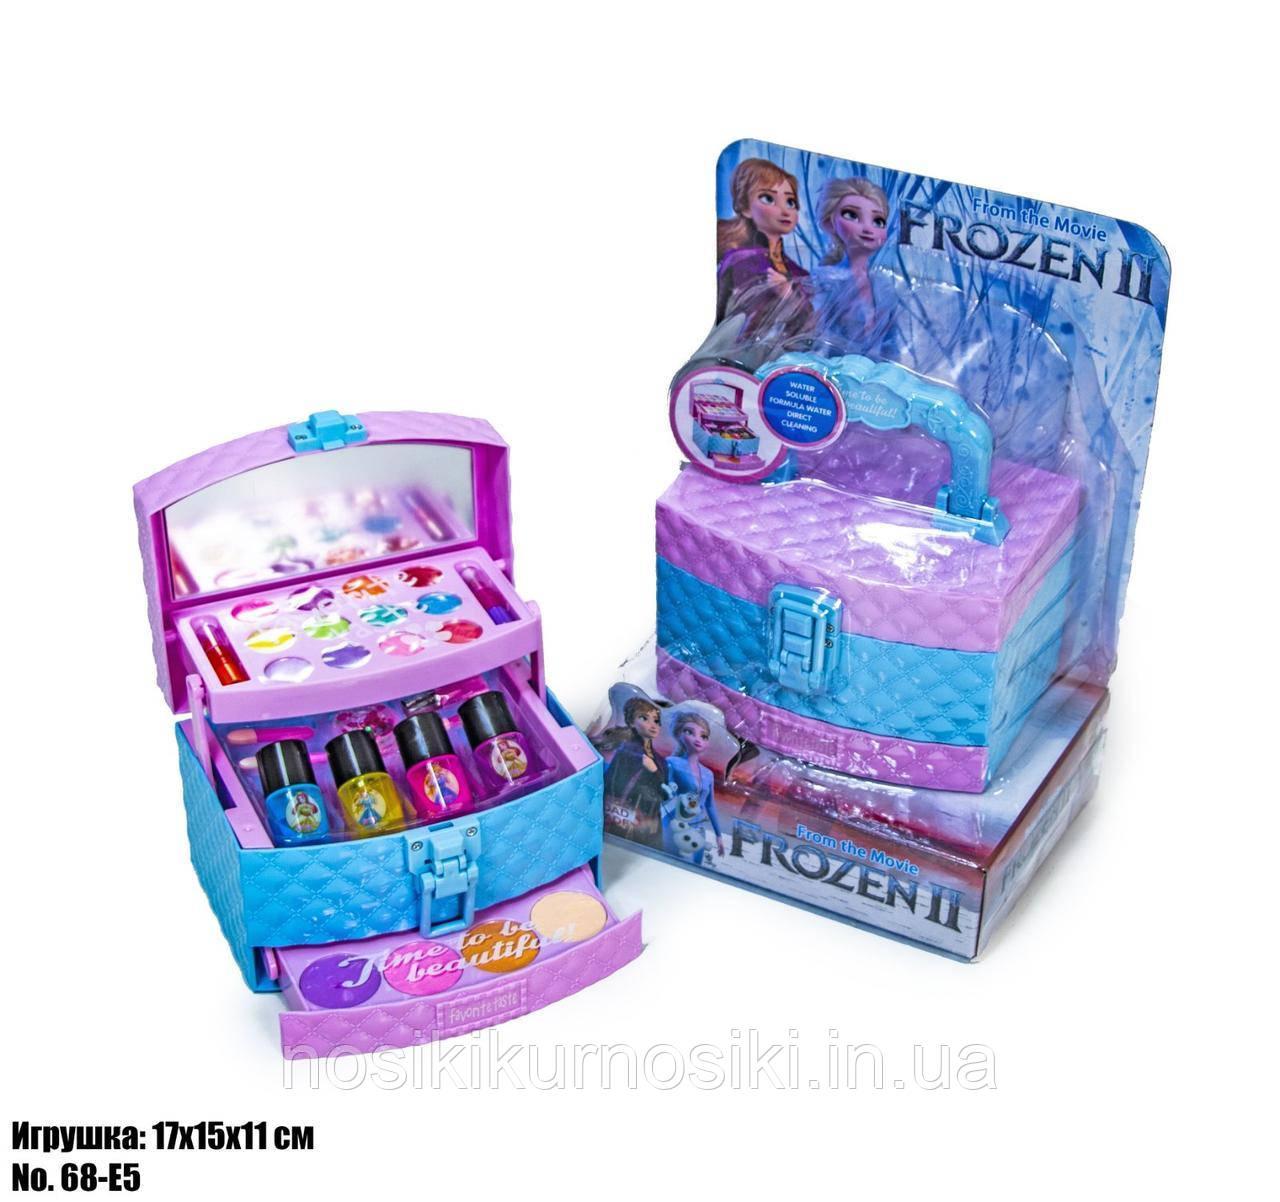 Игровой набор детская косметика - шкатулка косметичка, маникюрный набор, декоративная косметика Frozen